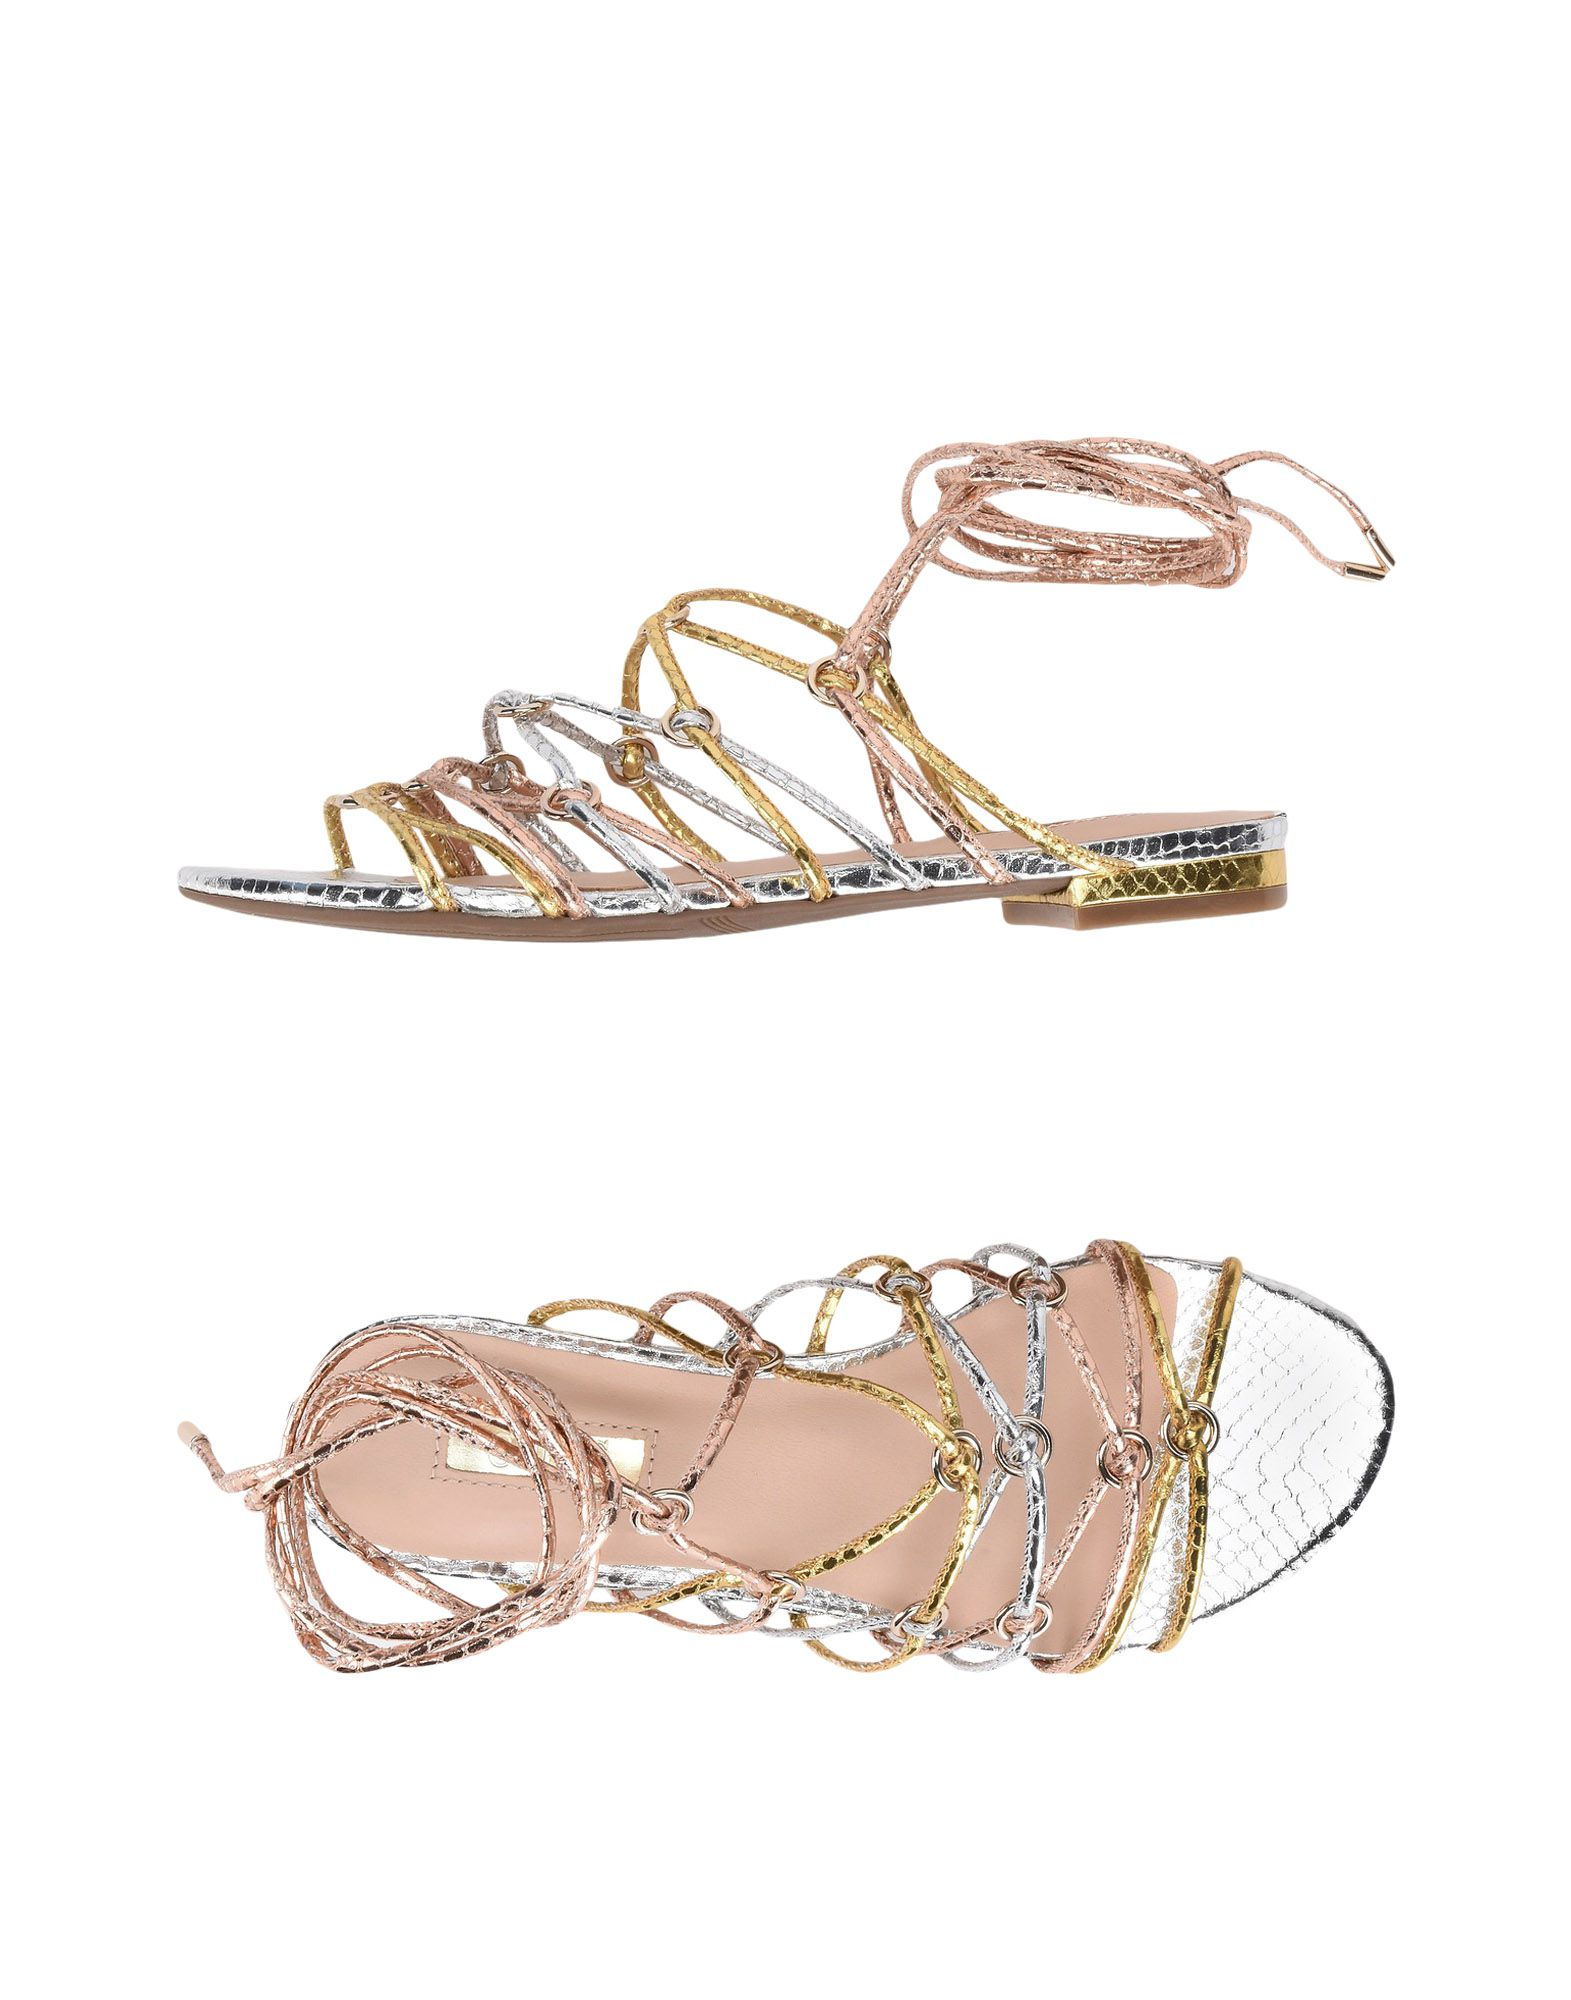 Guess Gute Sandalen Damen  11399061VD Gute Guess Qualität beliebte Schuhe b62387